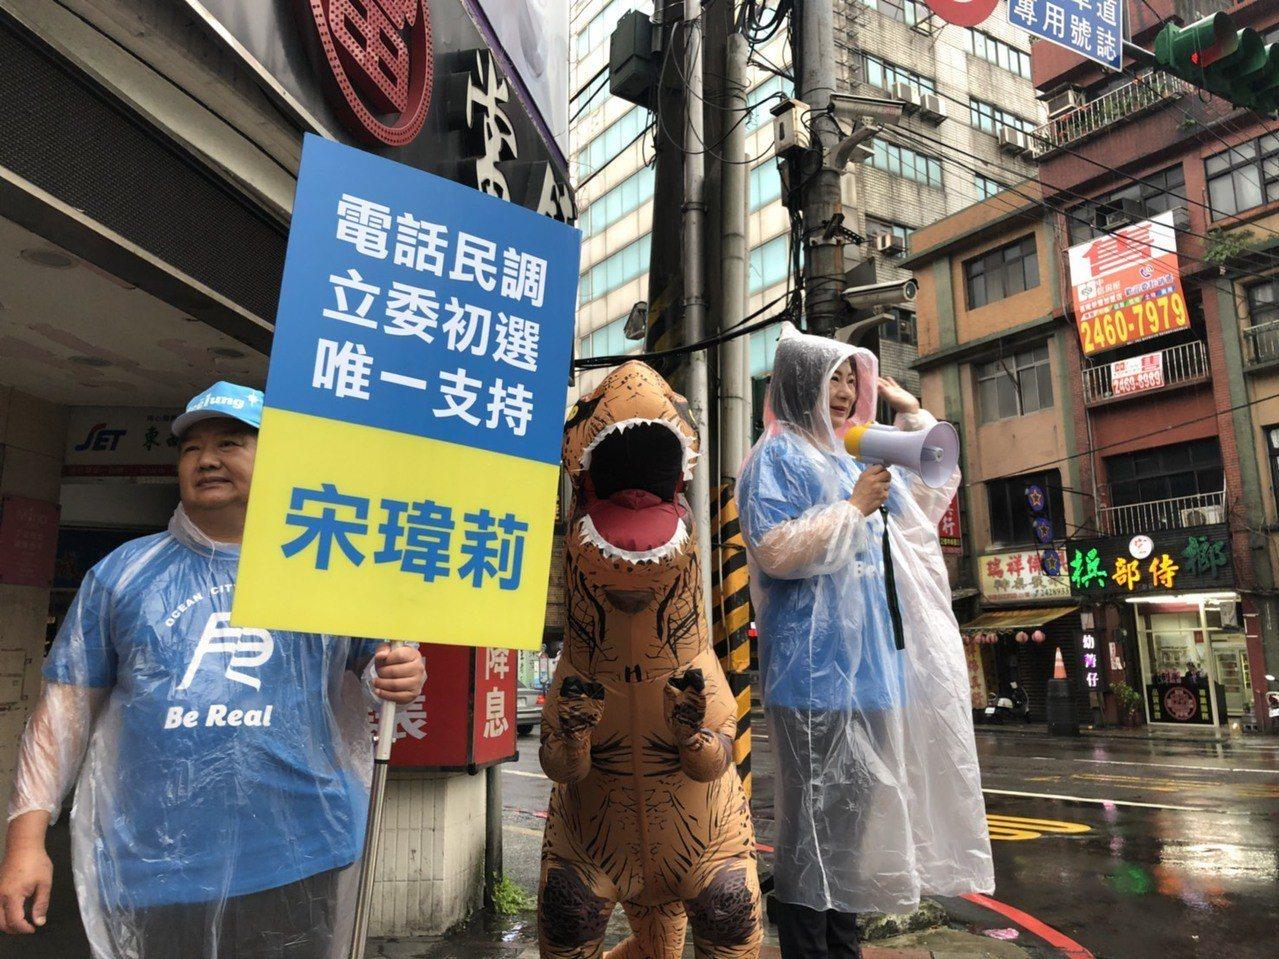 前議長宋瑋莉議員全力爭取提名,今天帶著象徵「龍好運」的恐龍吉祥物冒雨站在市區街頭...